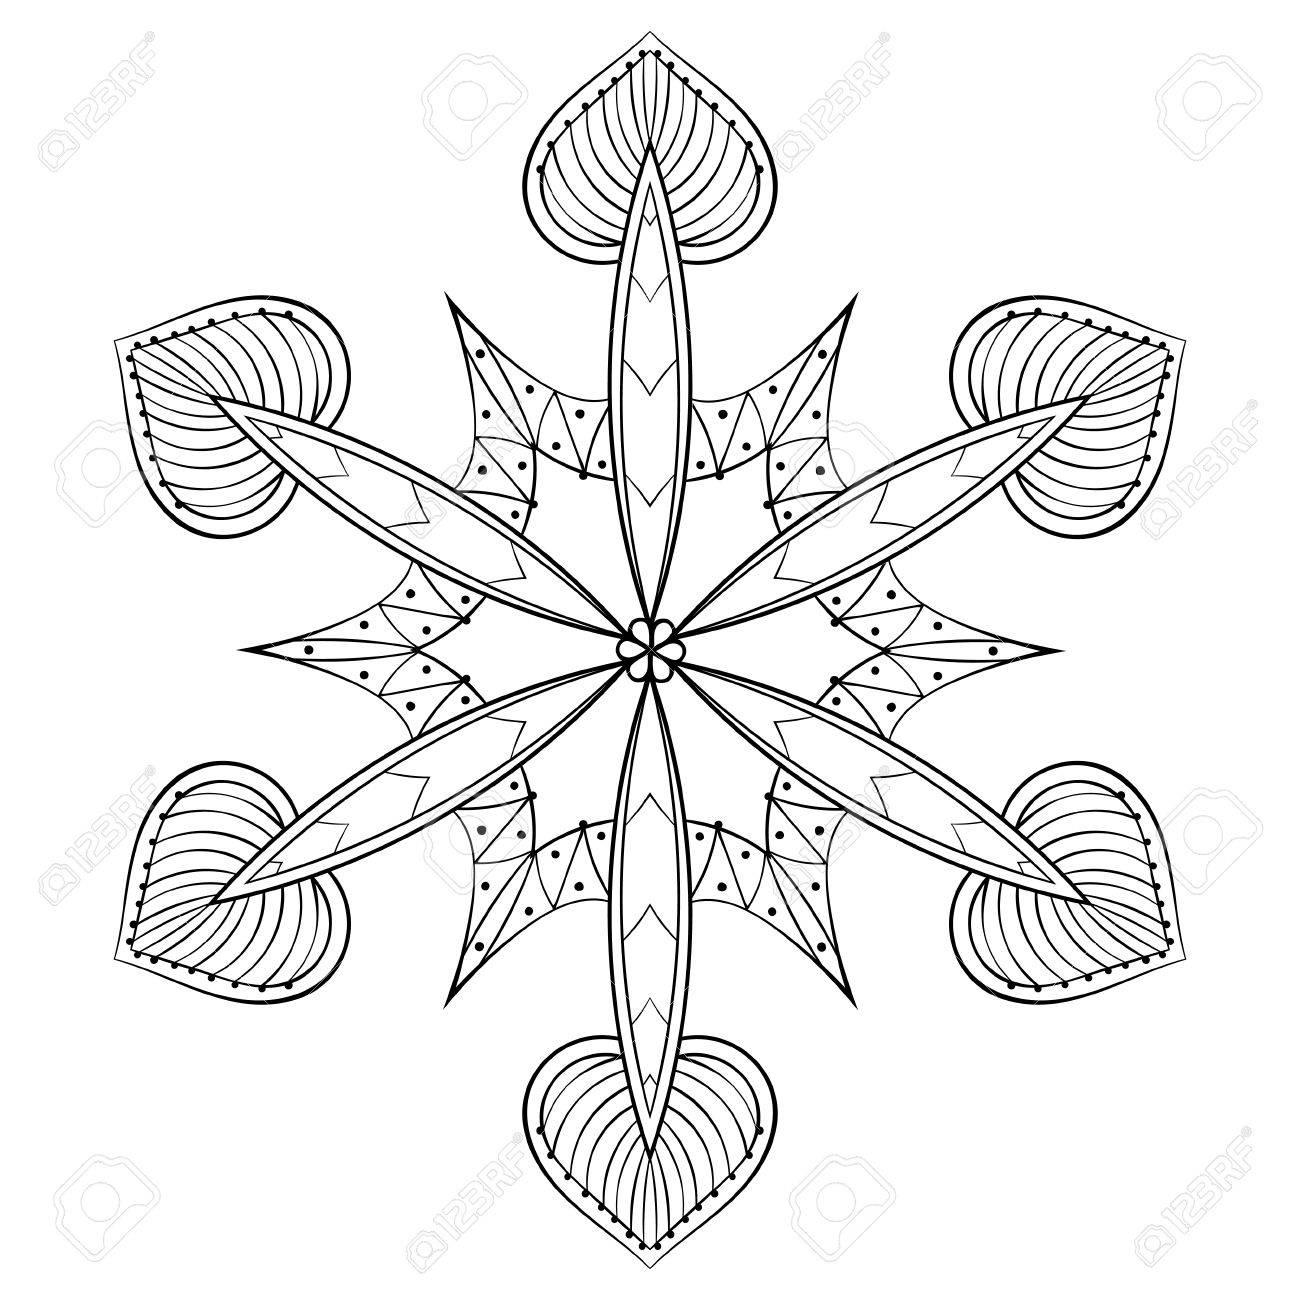 Vecteur Zentangle élégant Flocon De Neige Mandala Pour Les Pages à